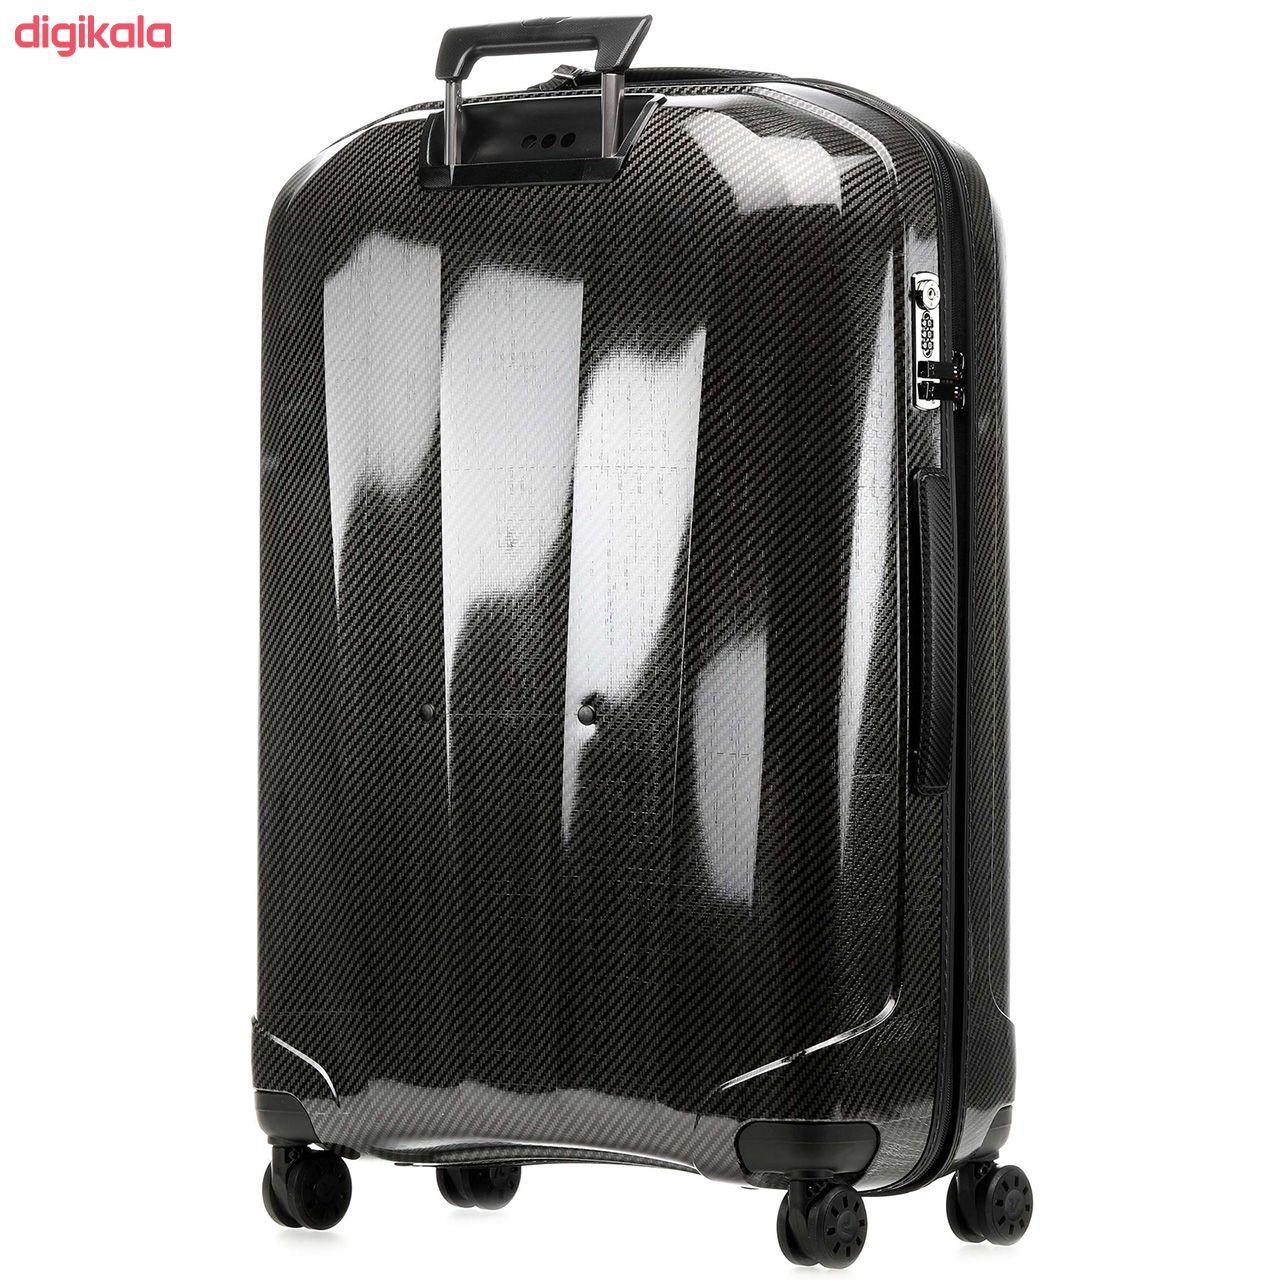 مجموعه سه عددی چمدان رونکاتو مدل 5950 main 1 24